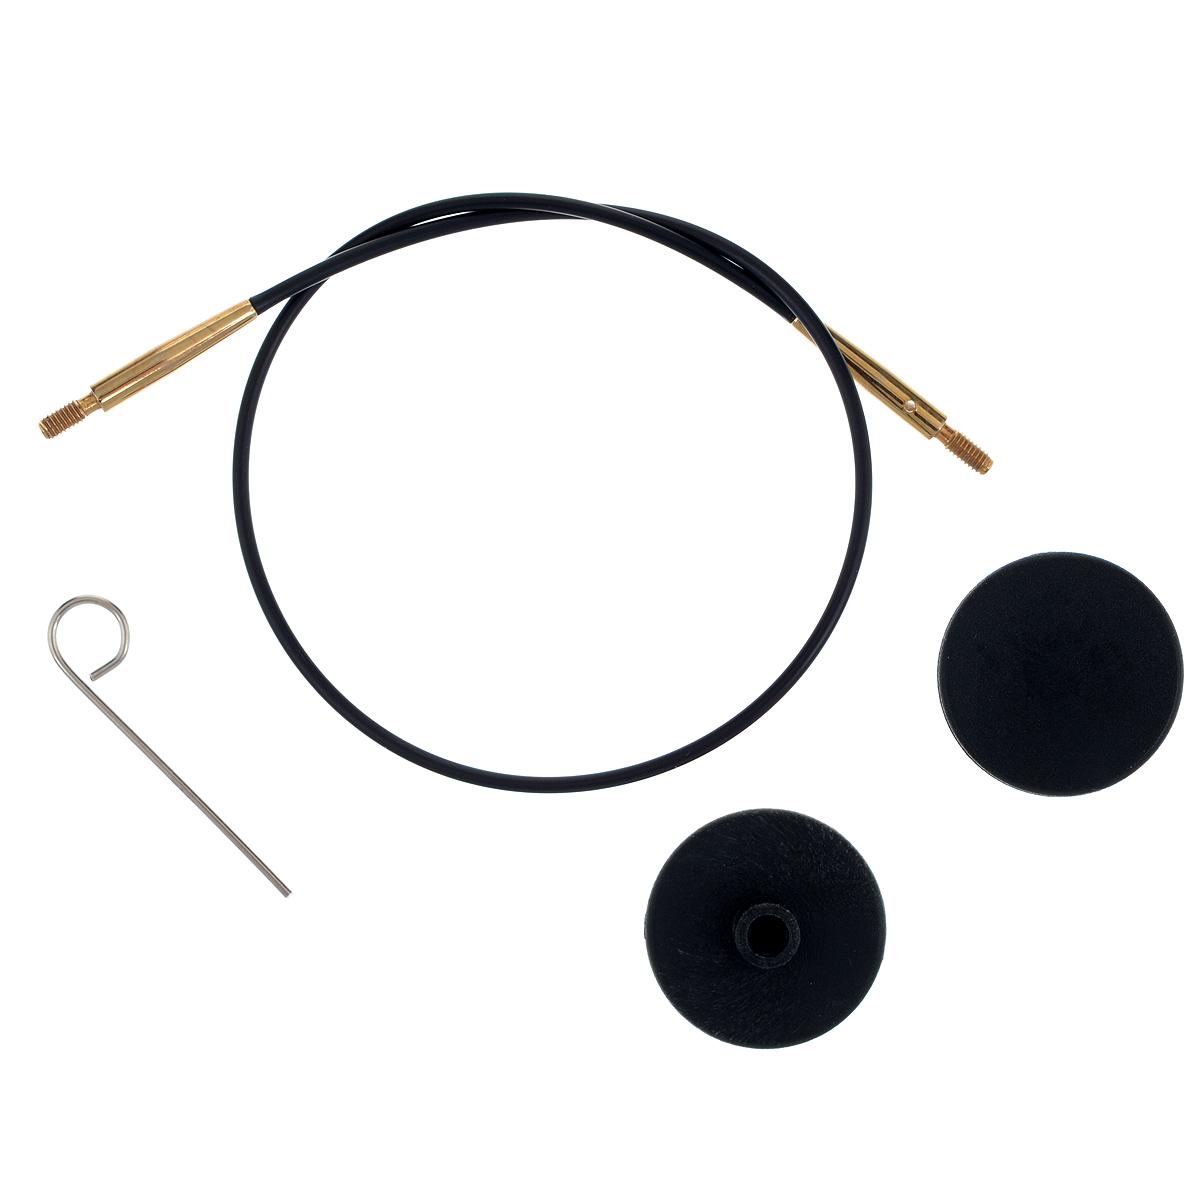 Тросик для съемных спиц KnitPro, с заглушками, цвет: черный, золотистый, длина 28 см10563Тросик KnitPro, изготовленный из гибкого пластика и металла, легко комбинируются со съемными спицами. Для надежного соединения со спицами тросик комплектуется ключиком и двумя заглушками. Подходит для любого вида съемных спиц: деревянных, никелированных и акриловых фирм KnitPro, Prym и LanaGrossa. Изделие моментально распрямляется и больше не закручивается. На концах тросика - резьба для прикручивания его к спицам. Место соединения спиц и тросика - надежное и гладкое, ничто не помешает петелькам скользить по спицам. Если необходимо использовать спицы для вязания другого изделия, просто открутите их, прикрутите заглушки к тросику и принимайтесь за новое вязание! Длина тросика: 28 см. Длина тросика (с учетом длины съемных спиц): 50 см.